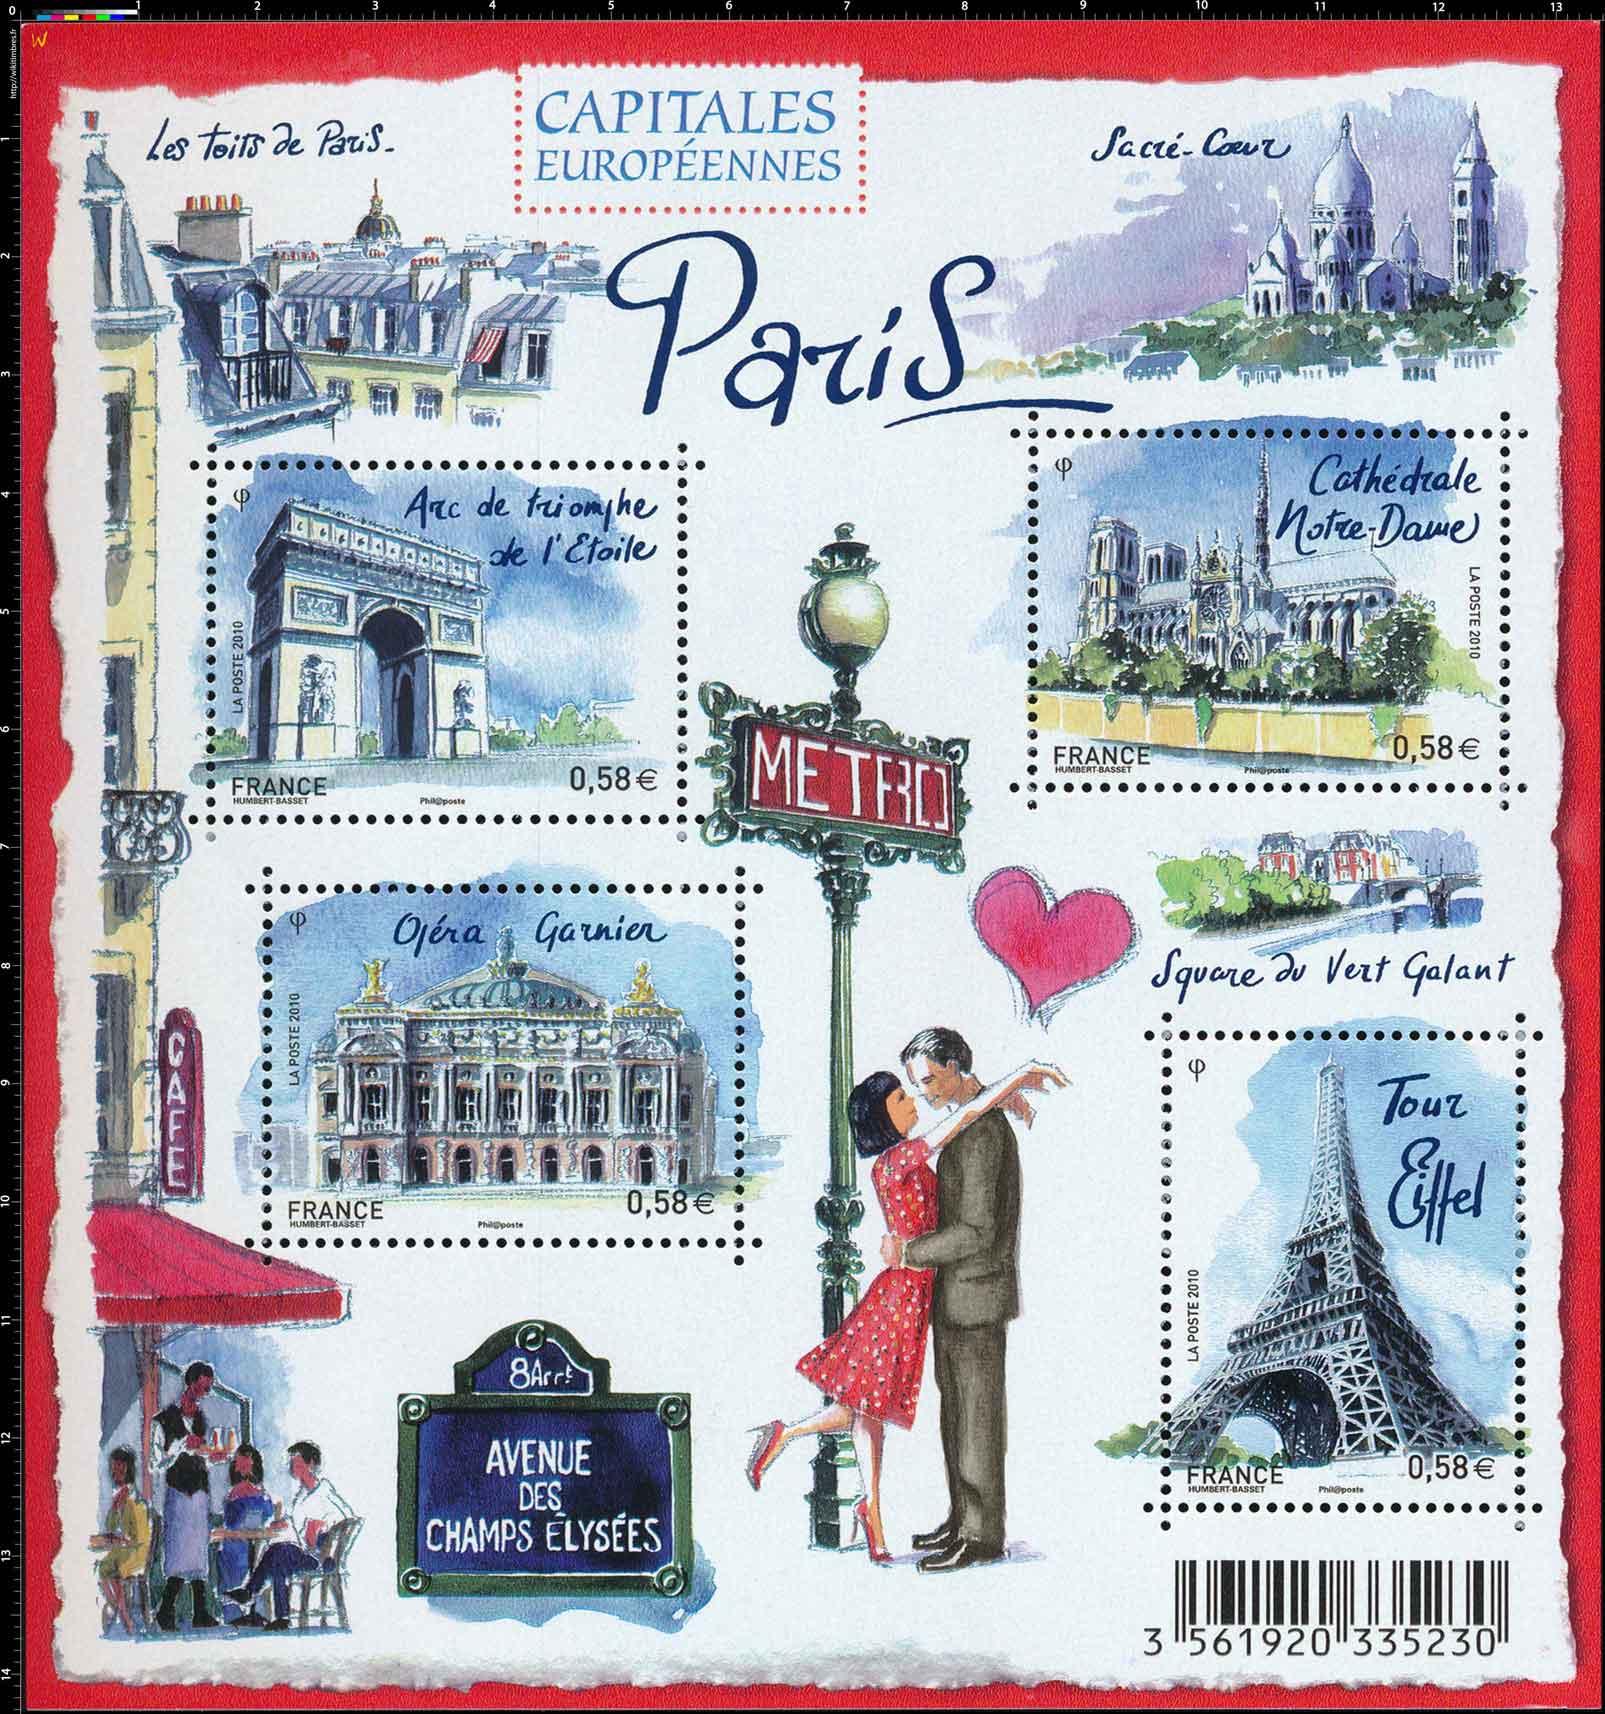 Capitales européennes - Paris